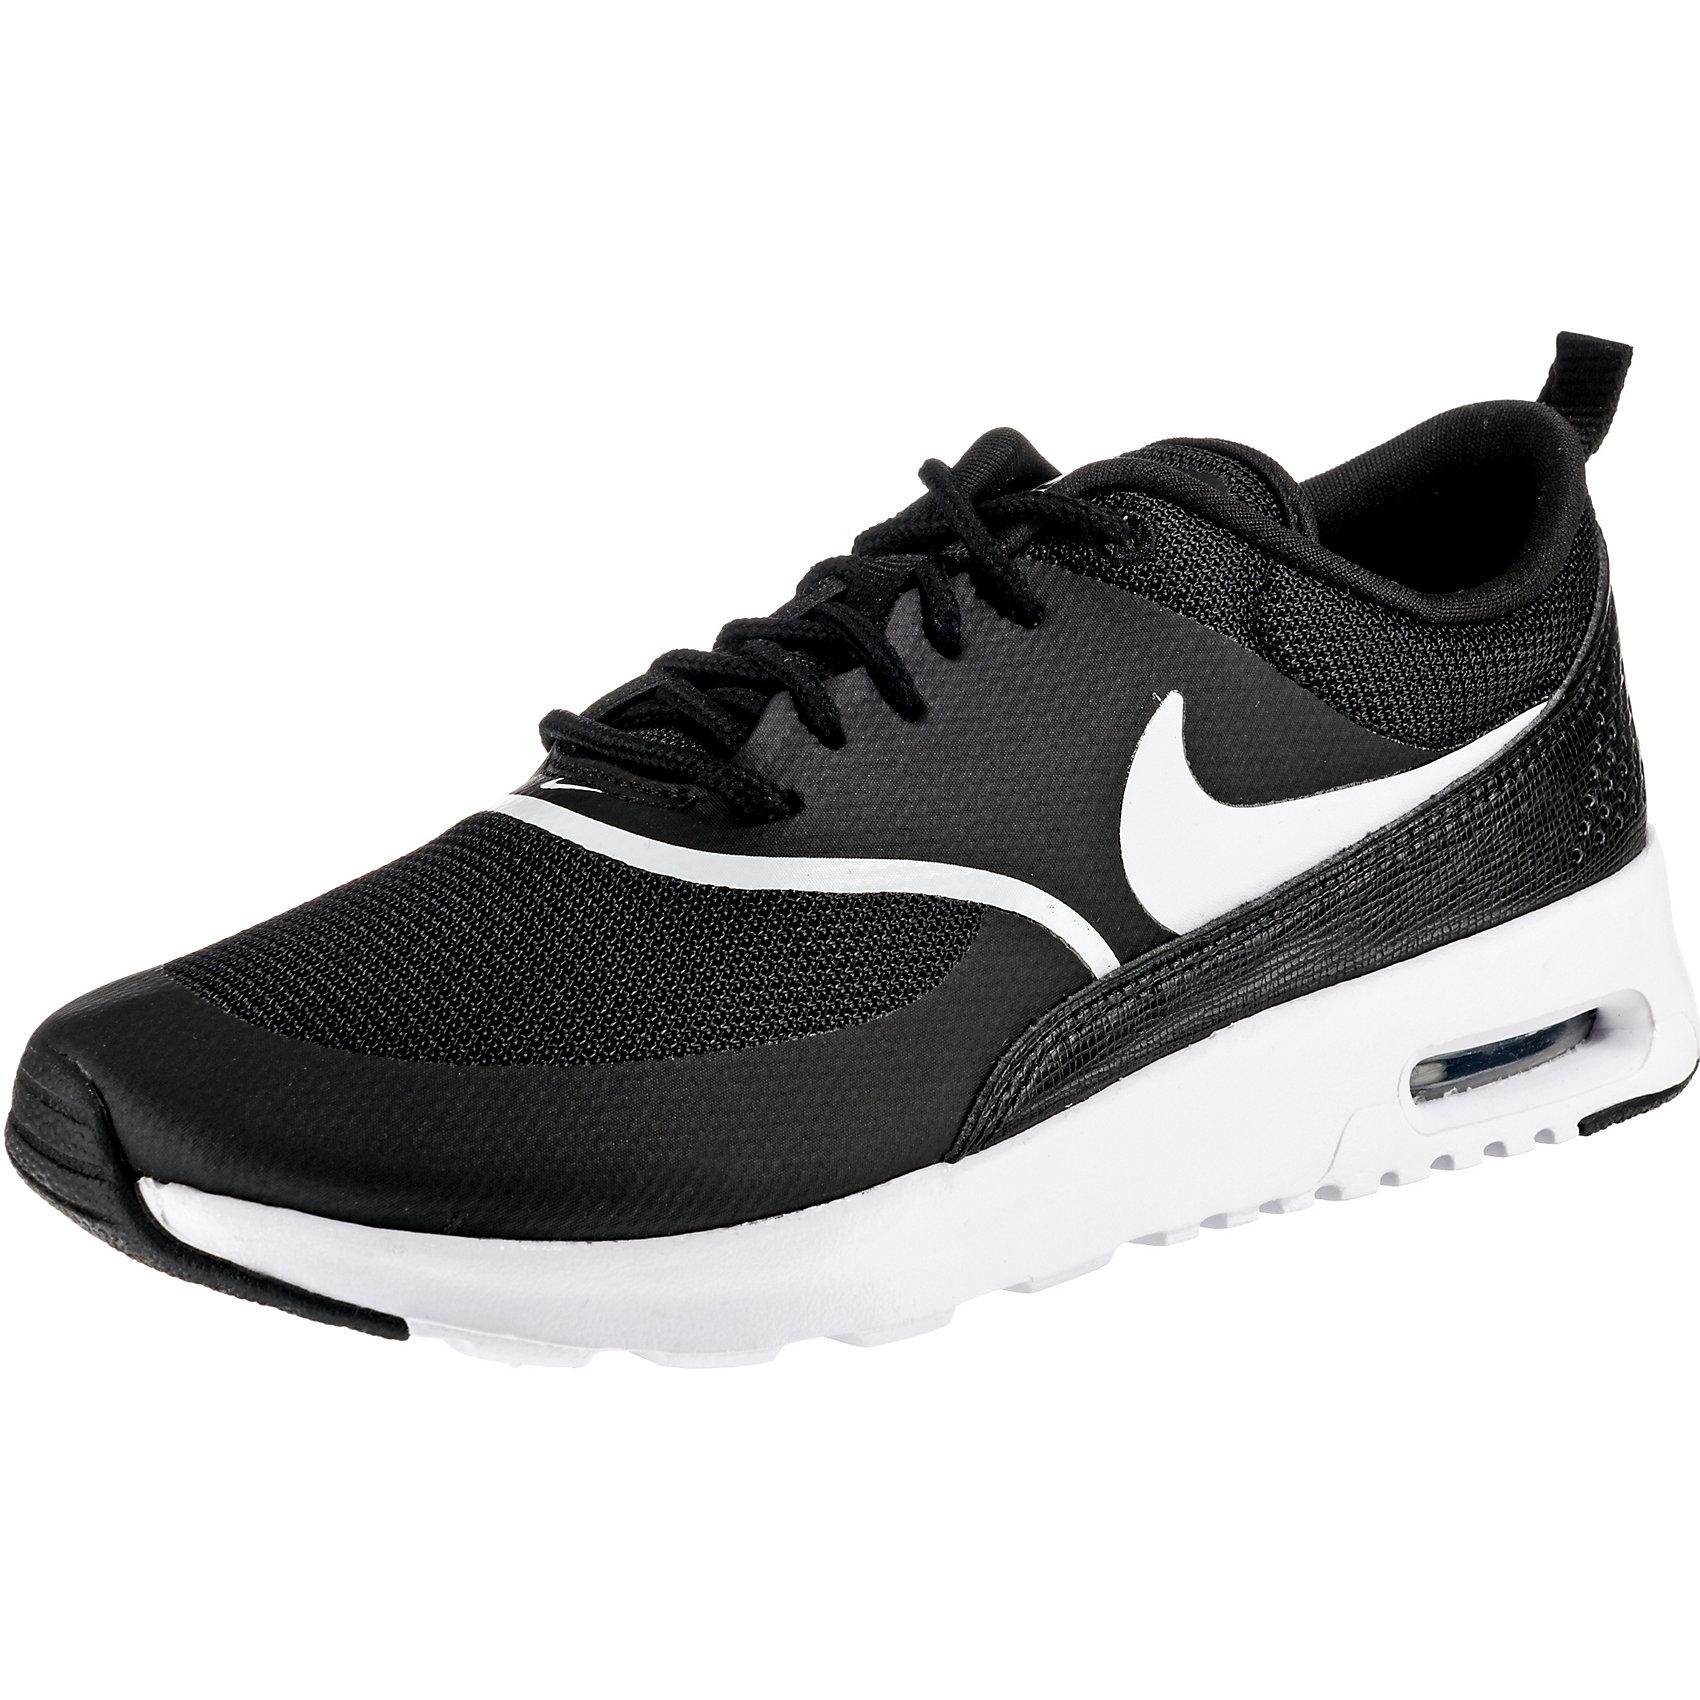 9d4956d1dea2aa Neu Nike Sportswear Air Max Thea Sneakers 7631497 für Damen